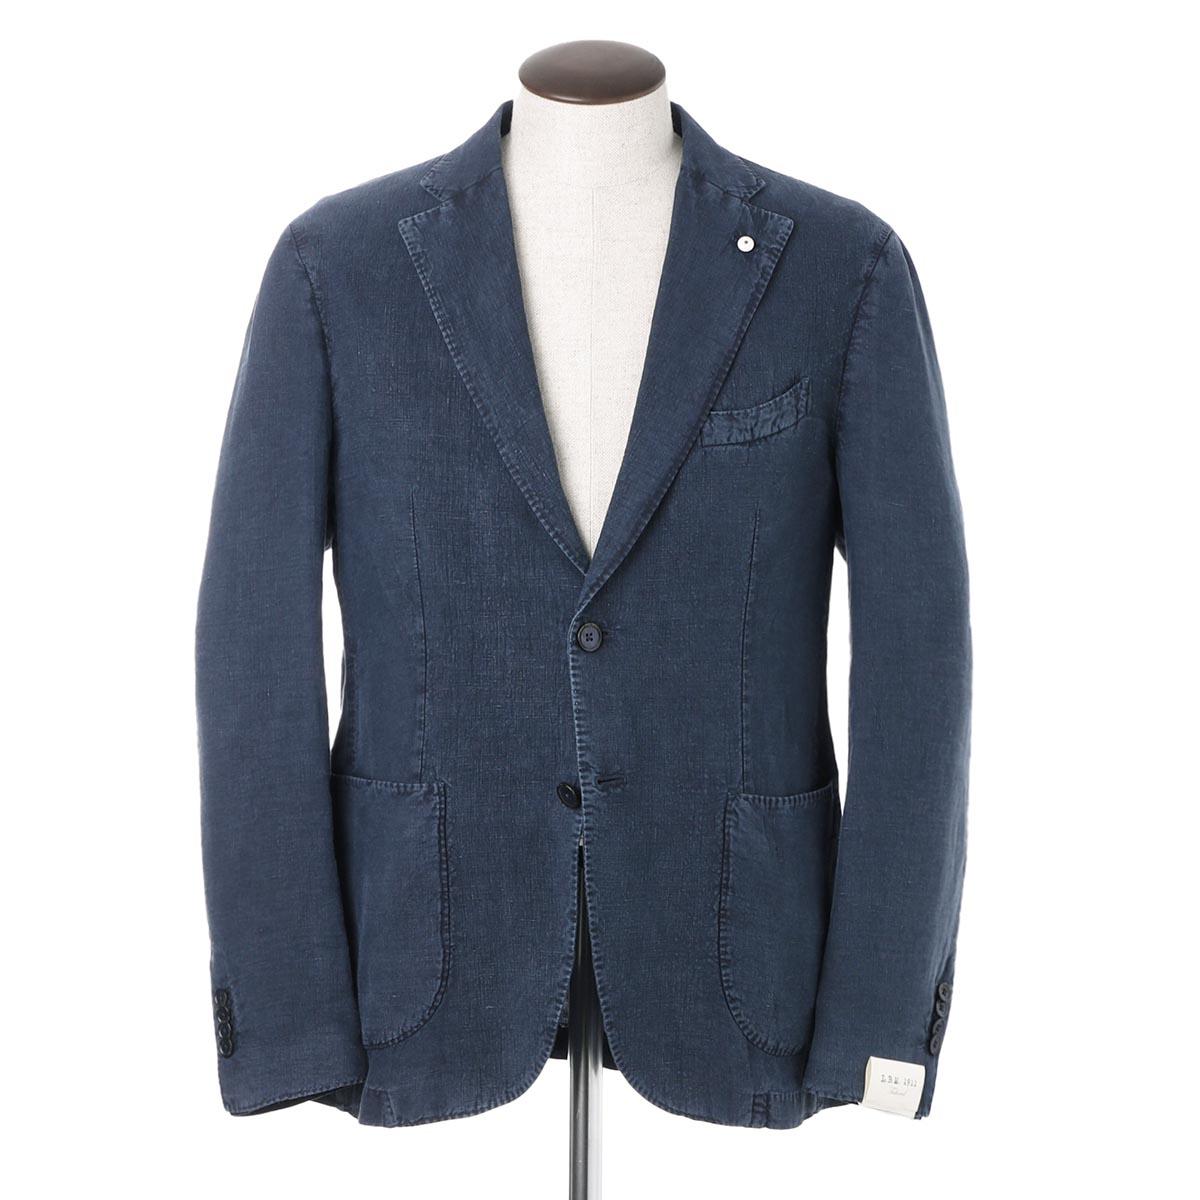 エルビーエム1911 LBM1911 2つボタン リネン ジャケット ブルー メンズ 大きいサイズあり 2837 05832 6 JACK REGULAR【あす楽対応_関東】【返品送料無料】【ラッピング無料】